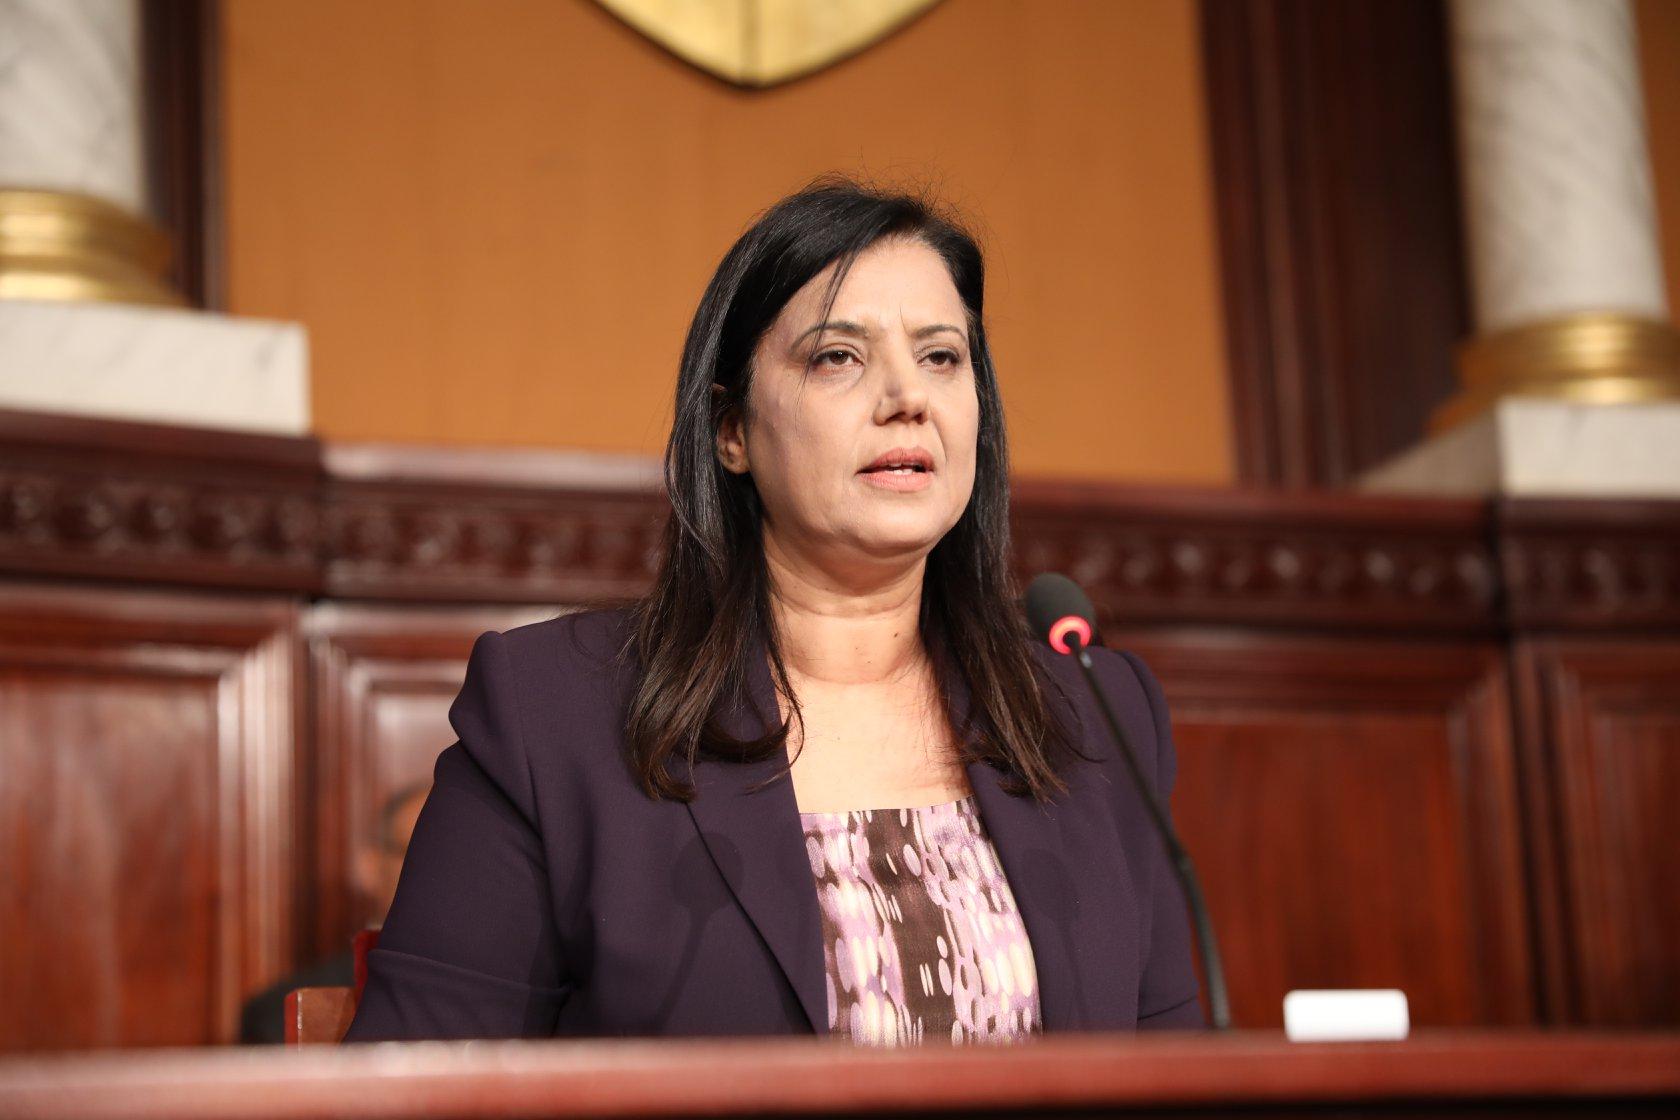 تنقلت بين 5 أحزاب: سميرة الشواشي تعتبر السياحة البرلمانية خطر على البلاد !